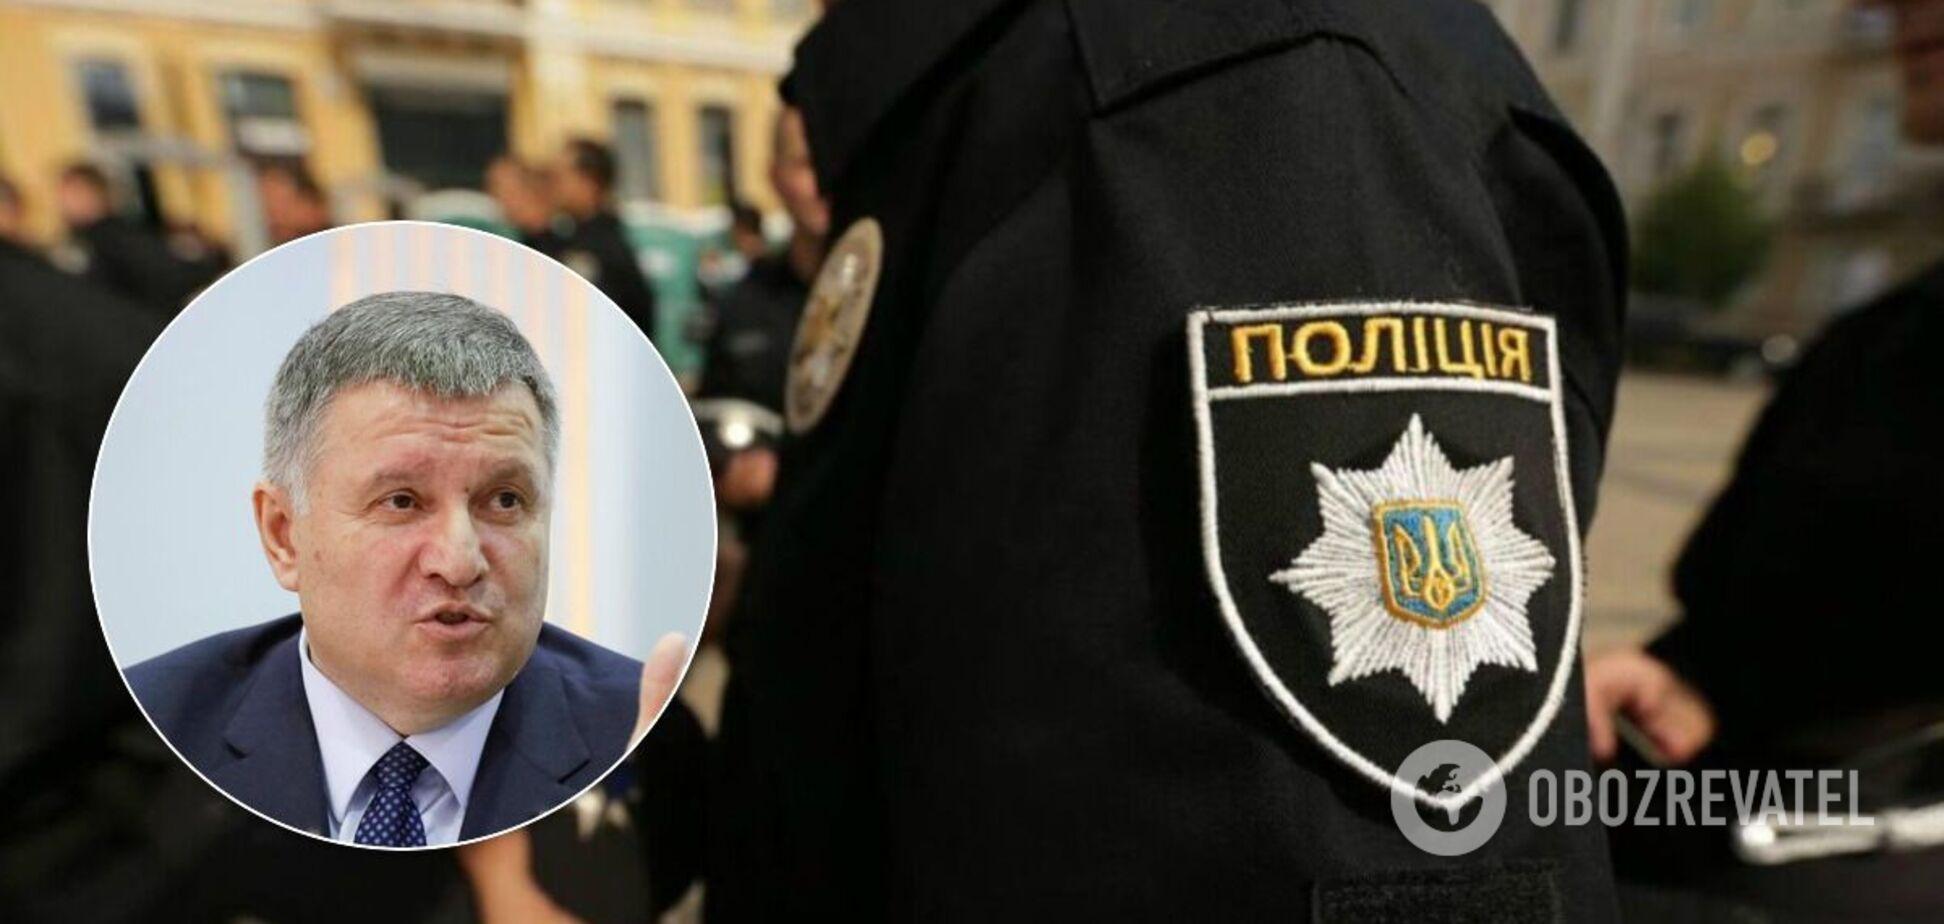 Дільничних в Україні замінять шерифи: у Авакова анонсували реформу